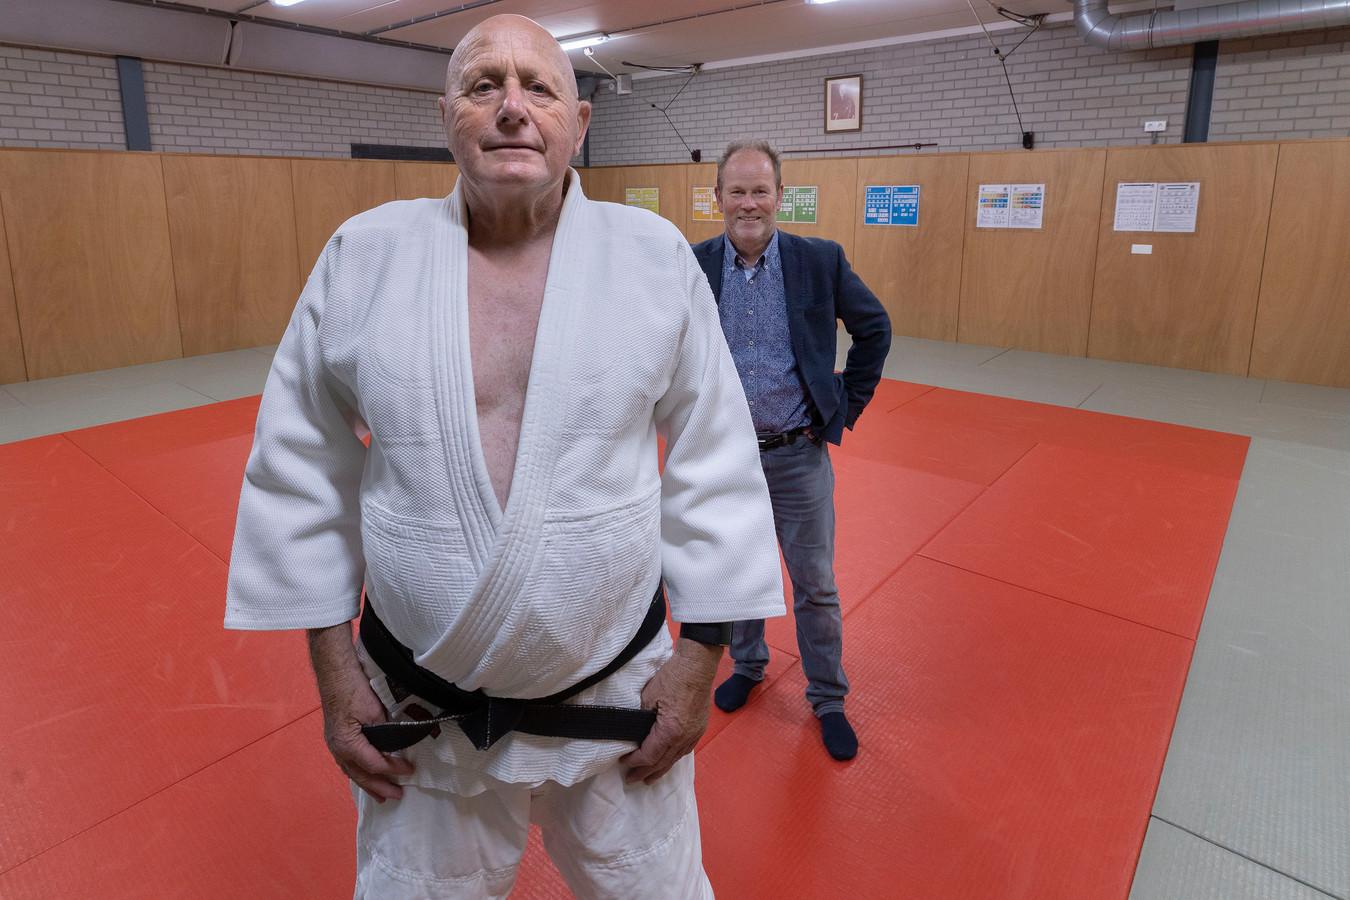 Aanstaand erelid Antoon Verblackt (l) en voorzitter Rutger van Deursen van de 60-jarige judo- en jiujitsuvereniging Shizen Honta uit Veldhoven.